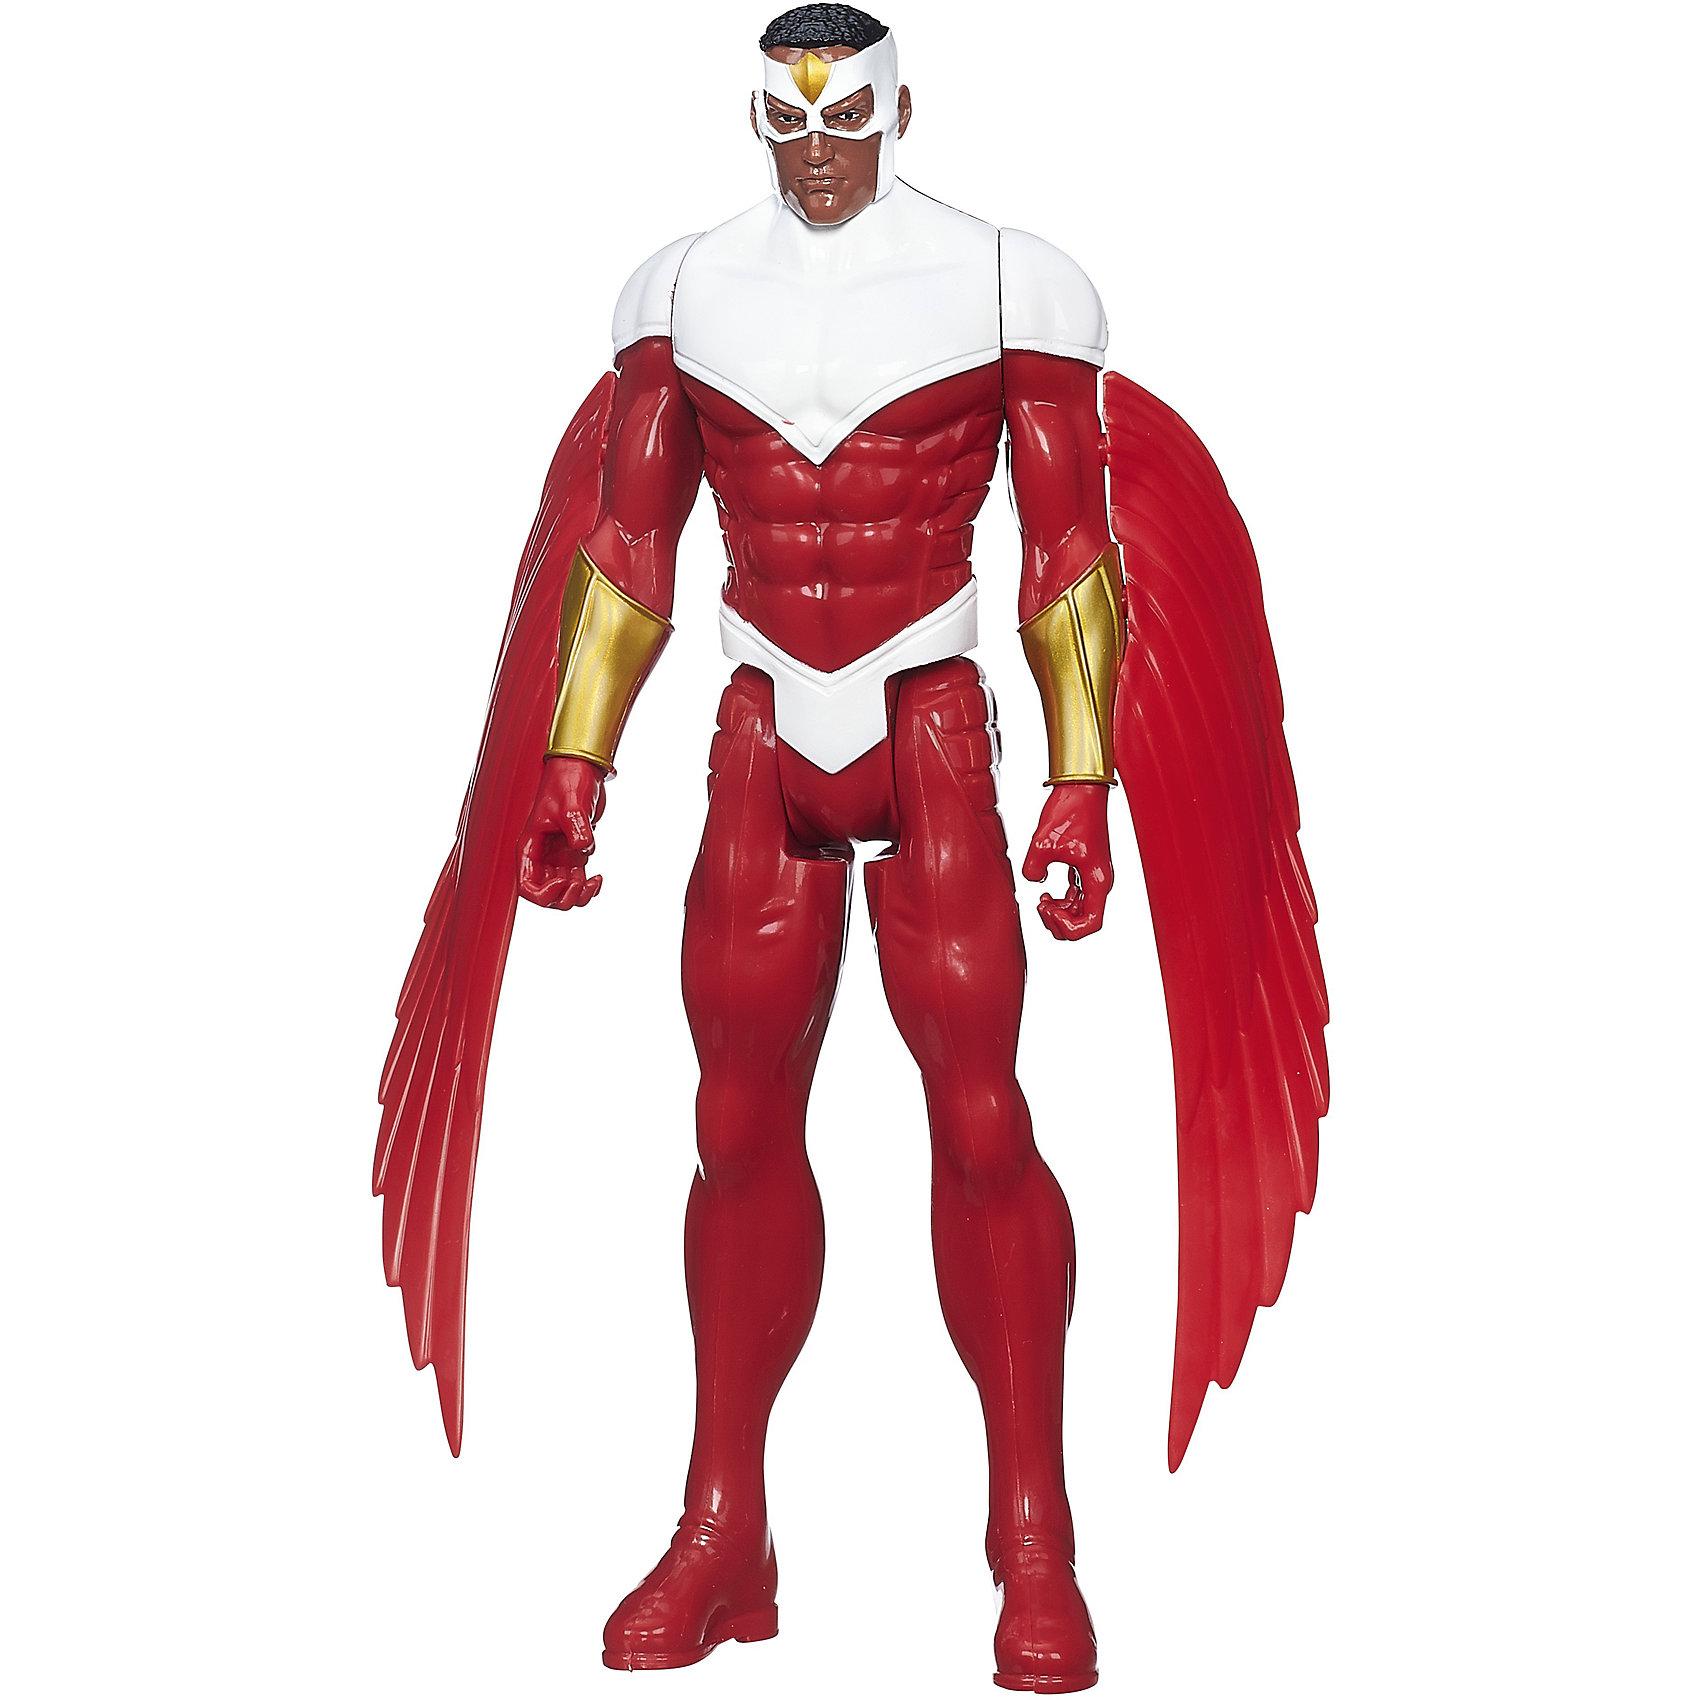 Hasbro Титаны: фигурки Мстителей, В1668/В0434 фигурки игрушки hasbro коллекционная фигурка мстителей